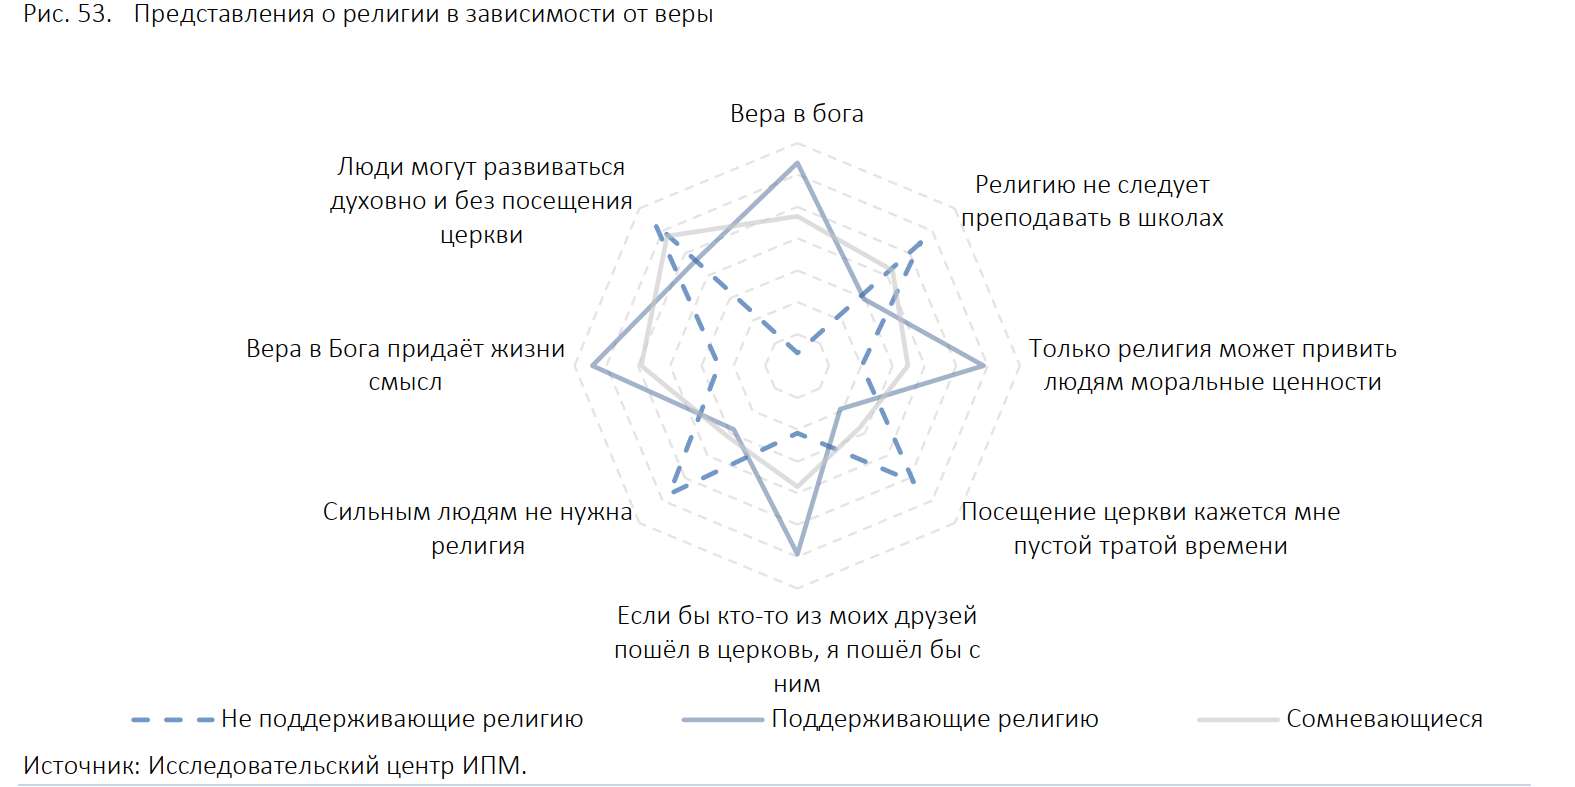 Выбирая между ребенком икарьерой, каждый десятый белорус выбирает карьеру